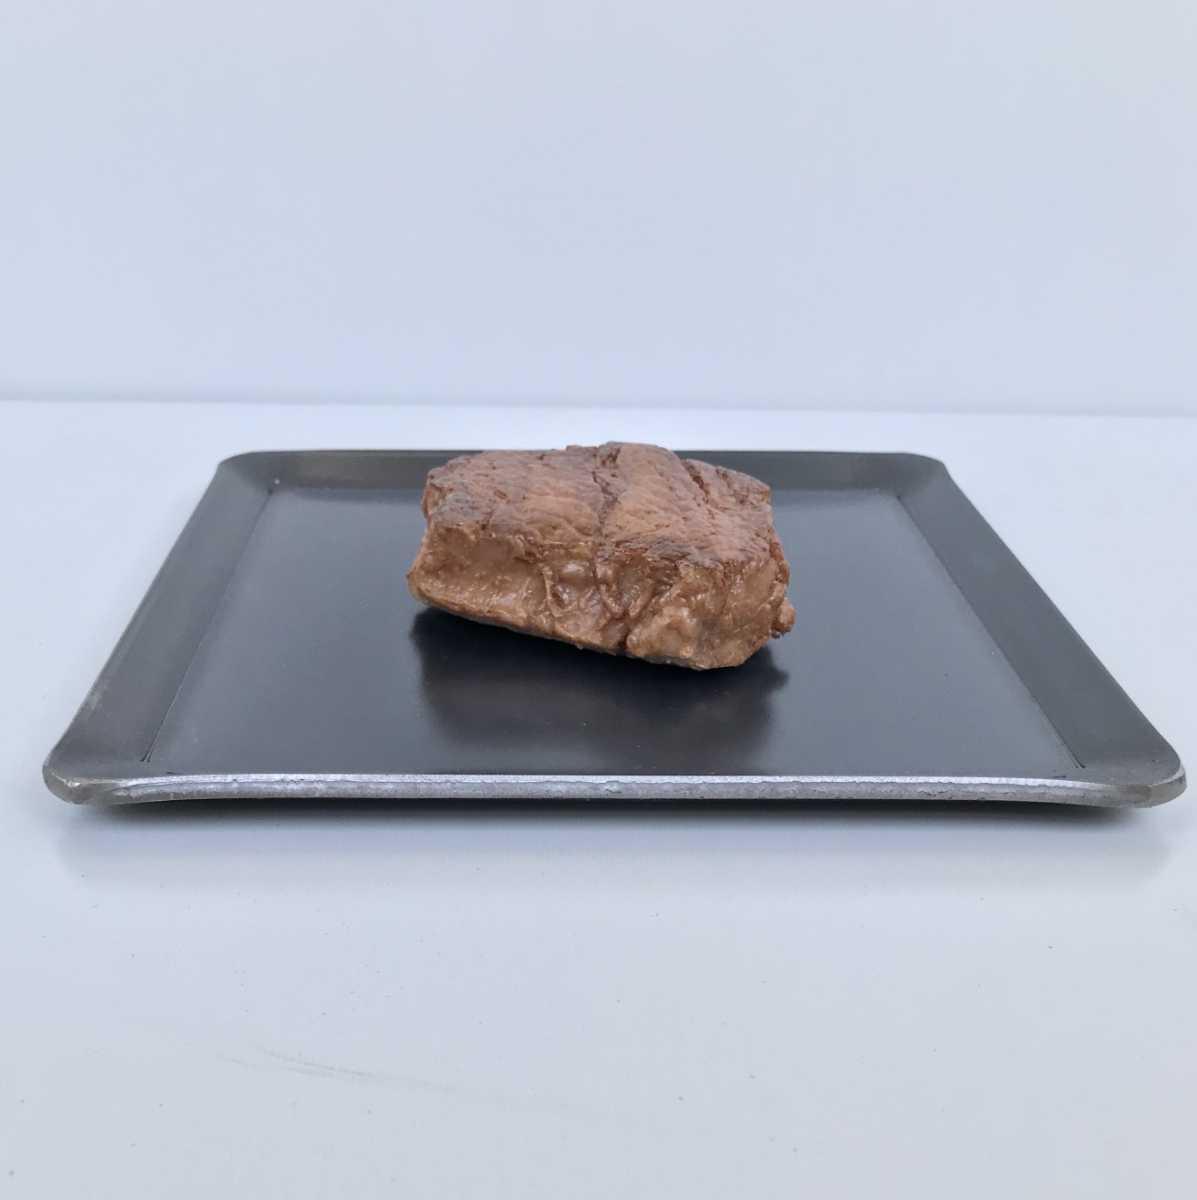 フタ付 ソロキャンプに! 王道の極厚 4.5ミリ鉄板 送料無料 ステーキ 焼肉カルビ BBQ バーベキュー 20×20 バイクツーリング餃子直火